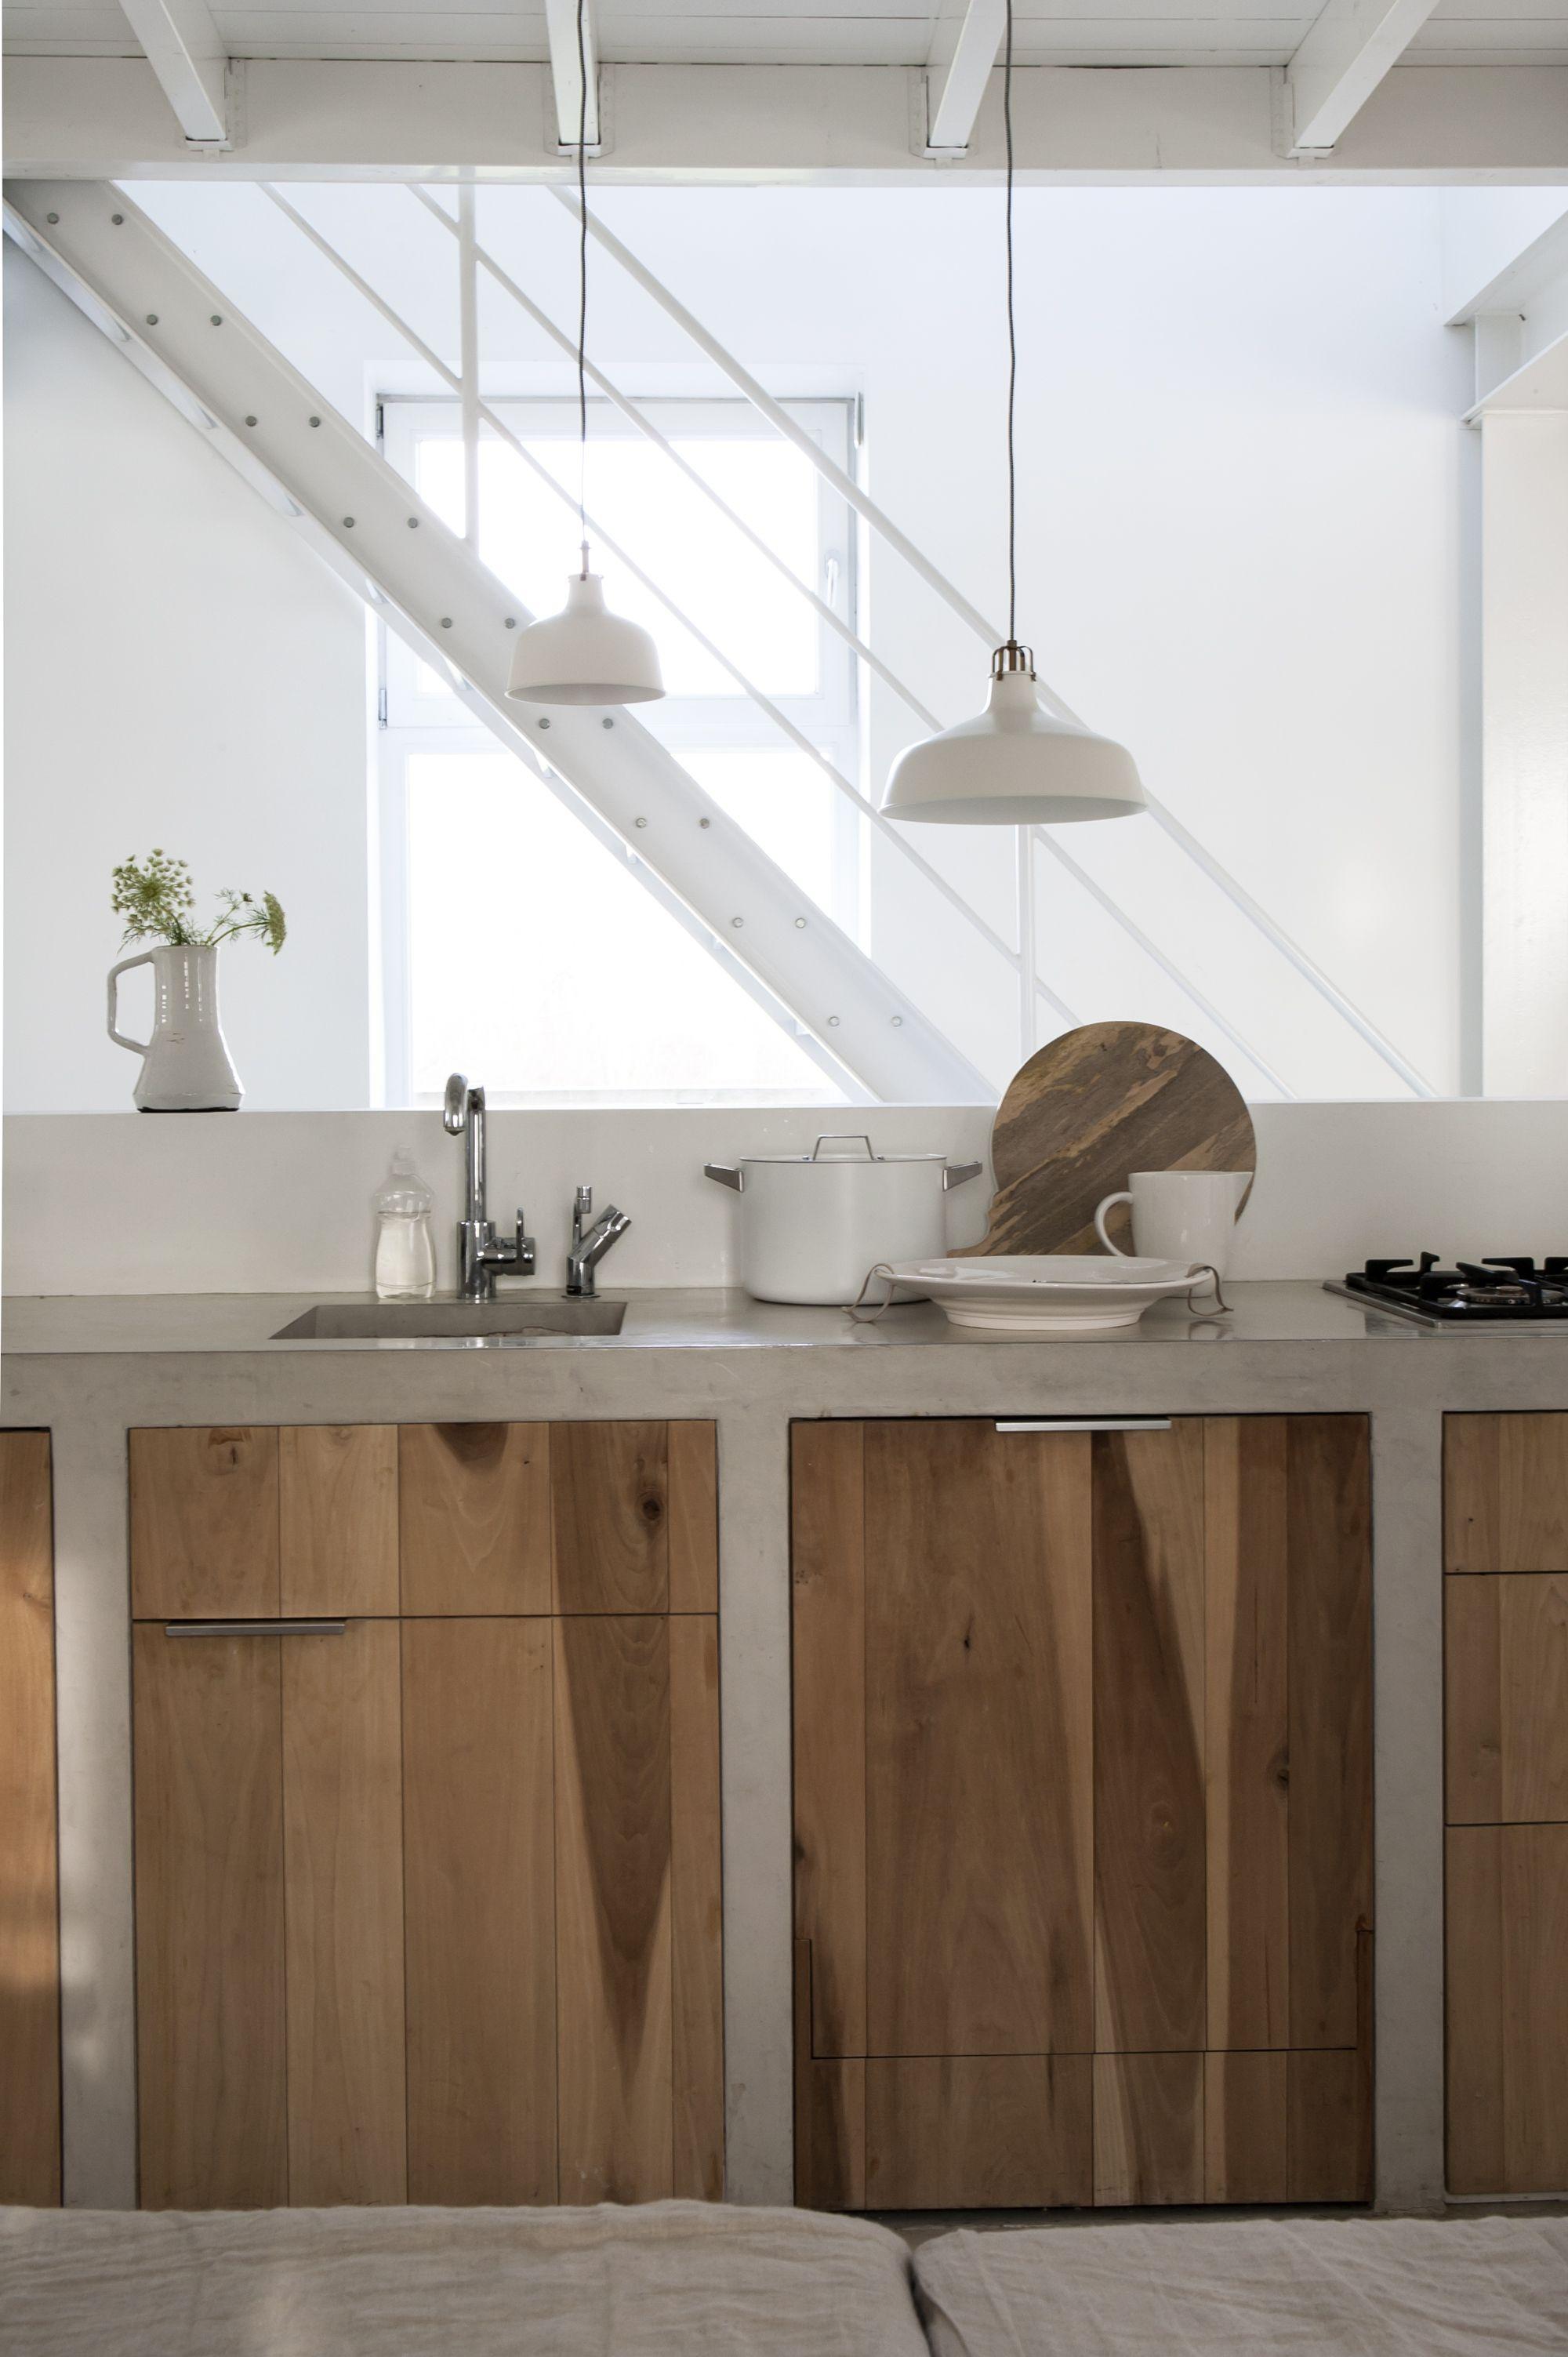 arbeitsplatte aus beton und unterschr nke aus holz harmonische kombination k chen. Black Bedroom Furniture Sets. Home Design Ideas